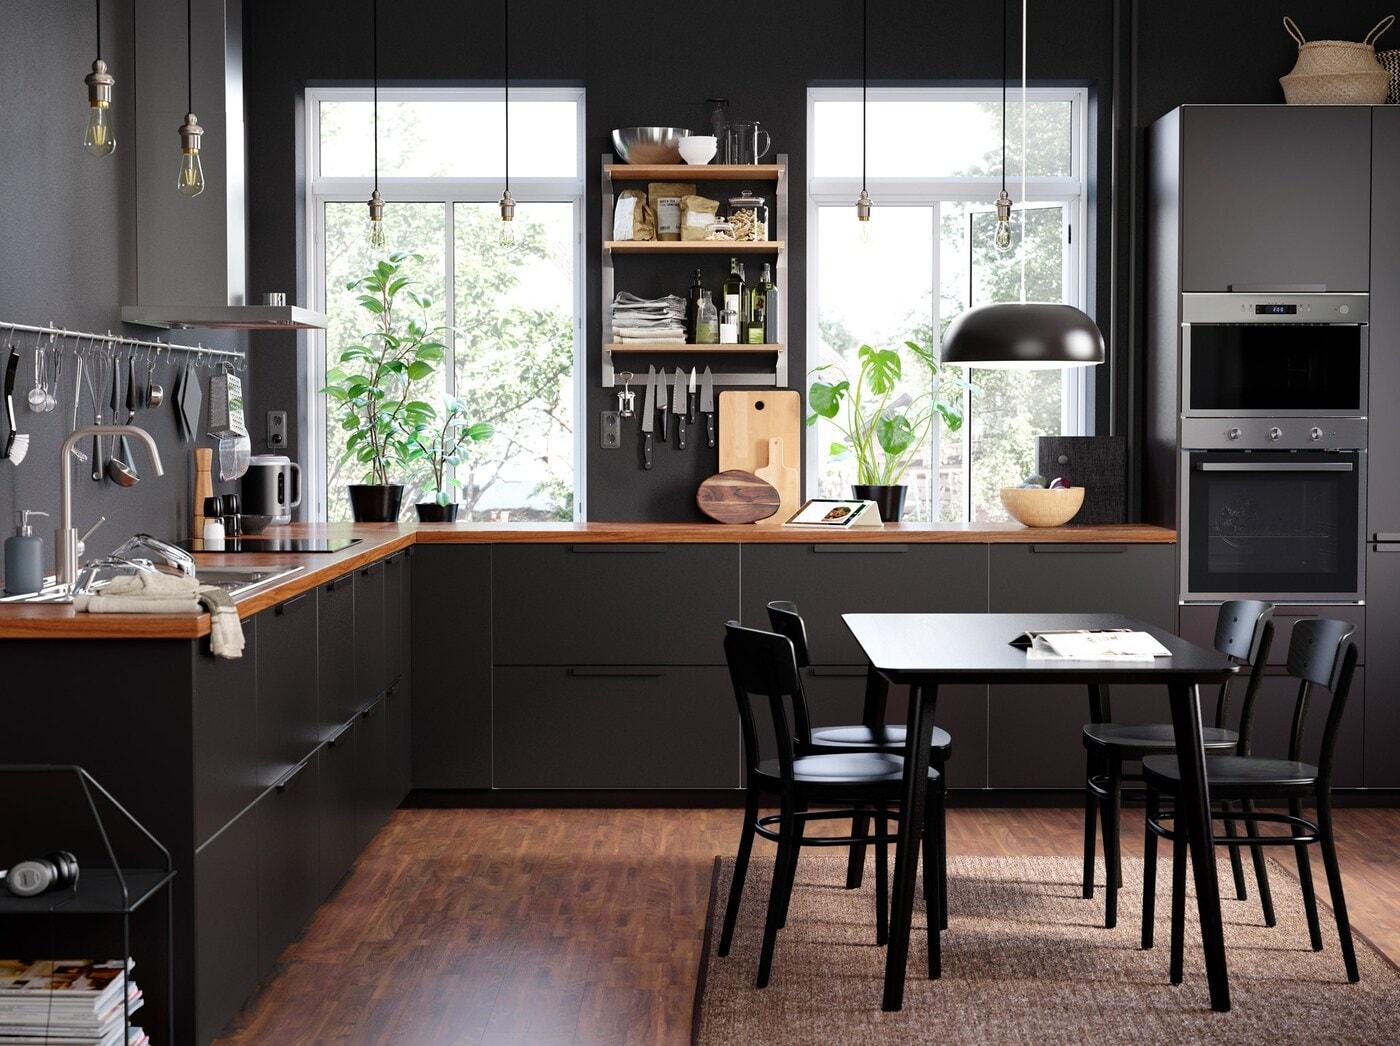 Ambienti Ikea Cucina lasciati ispirare dalle nostre cucine - ikea